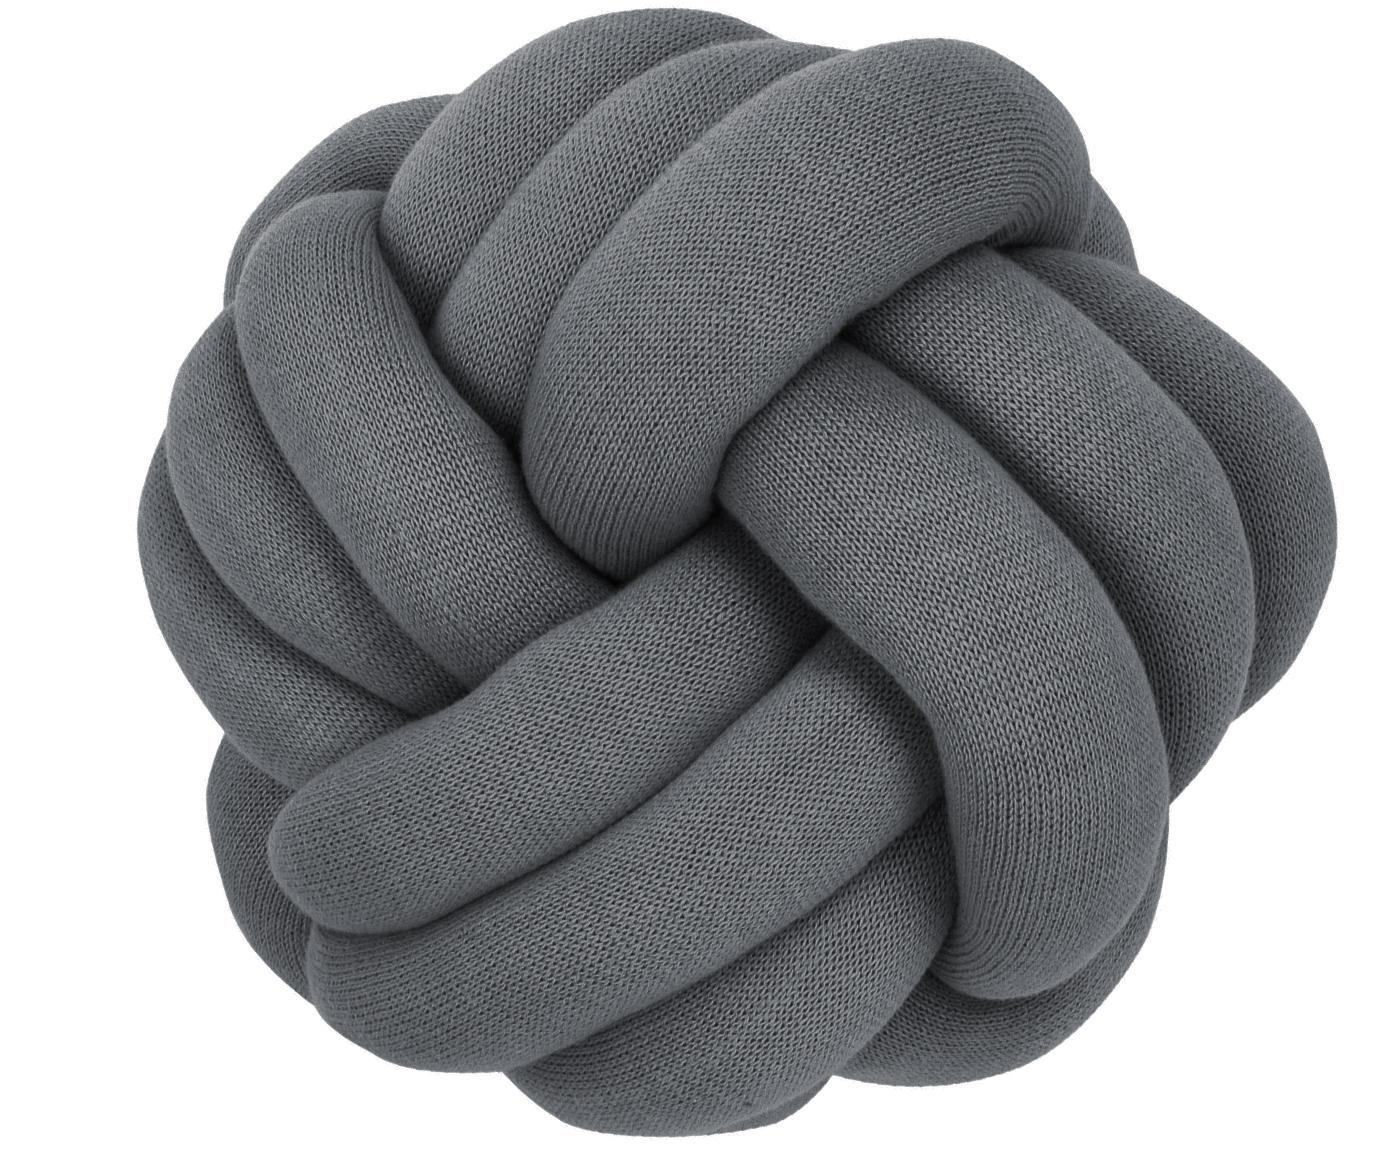 Poduszka Twist, Ciemny szary, Ø 30 cm